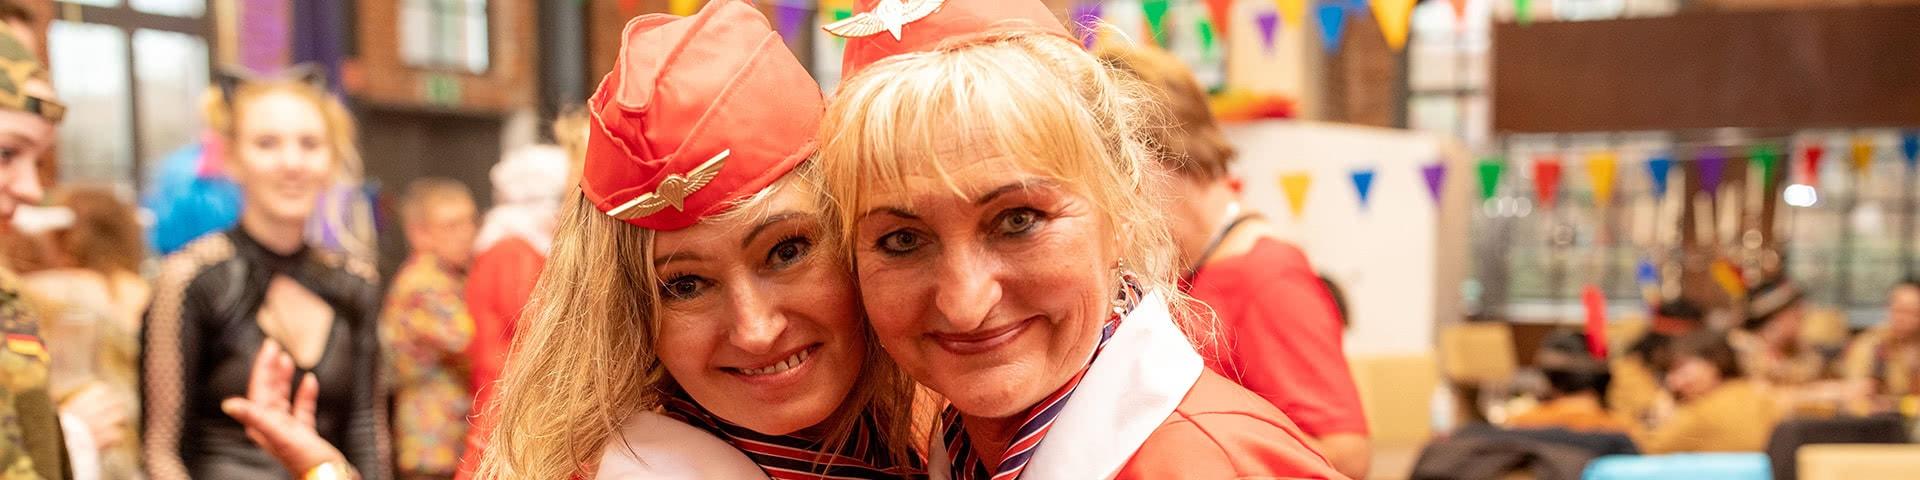 Partyspaß auf der Altweiberparty im Beverland